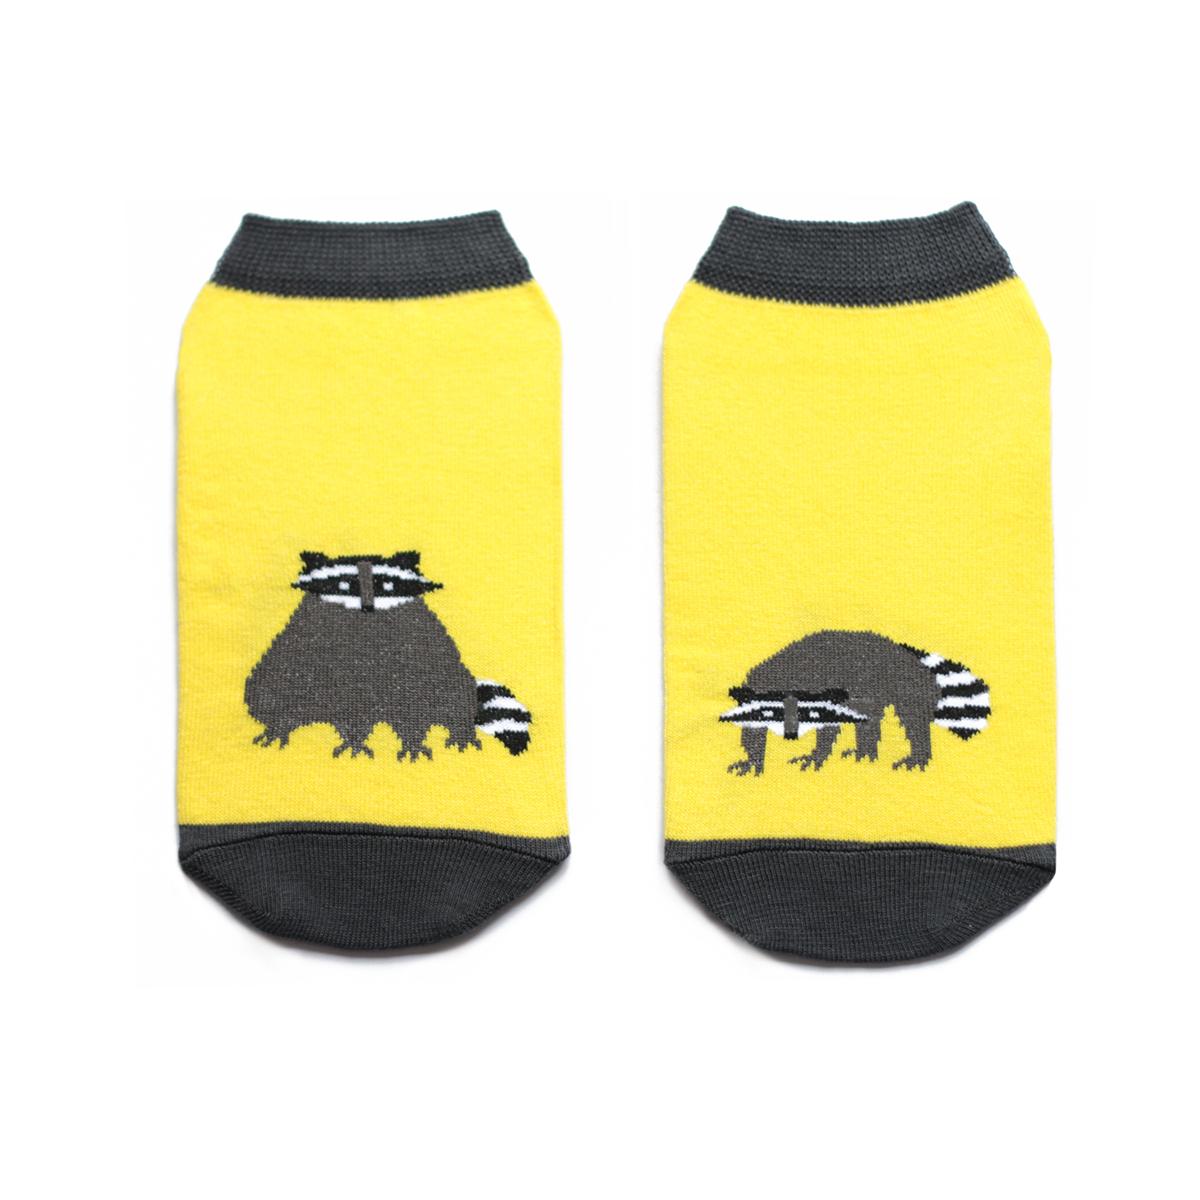 Носкиca1232Укороченные мужские носки Big Bang Socks изготовлены из высококачественного хлопка с добавлением полиамидных и эластановых волокон, которые обеспечивают великолепную посадку. Носки отличаются ярким стильным дизайном, они оформлены изображением енота. Удобная резинка идеально облегает ногу и не пережимает сосуды, а усиленные пятка и мысок повышают износоустойчивость носка. Дизайнерские носки Big Bang Socks - яркая деталь в вашем образе и оригинальный подарок для друзей и близких.